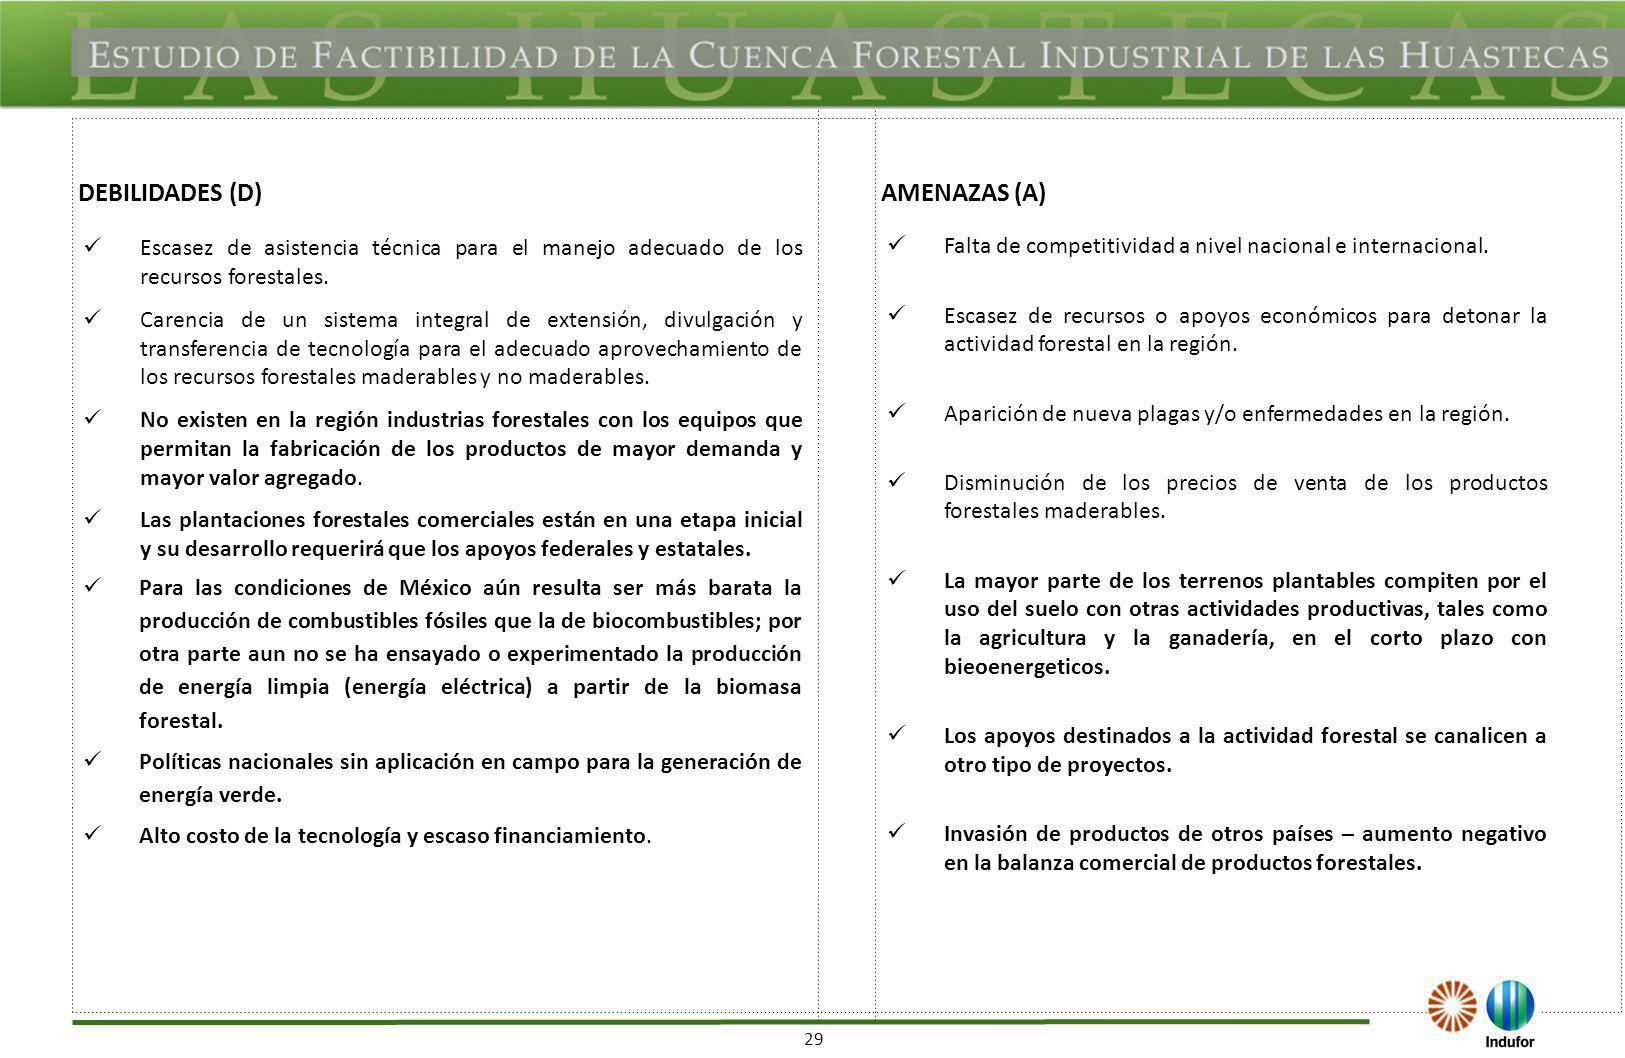 OPORTUNIDADES (O) VERACRUZ FORTALEZAS (F)